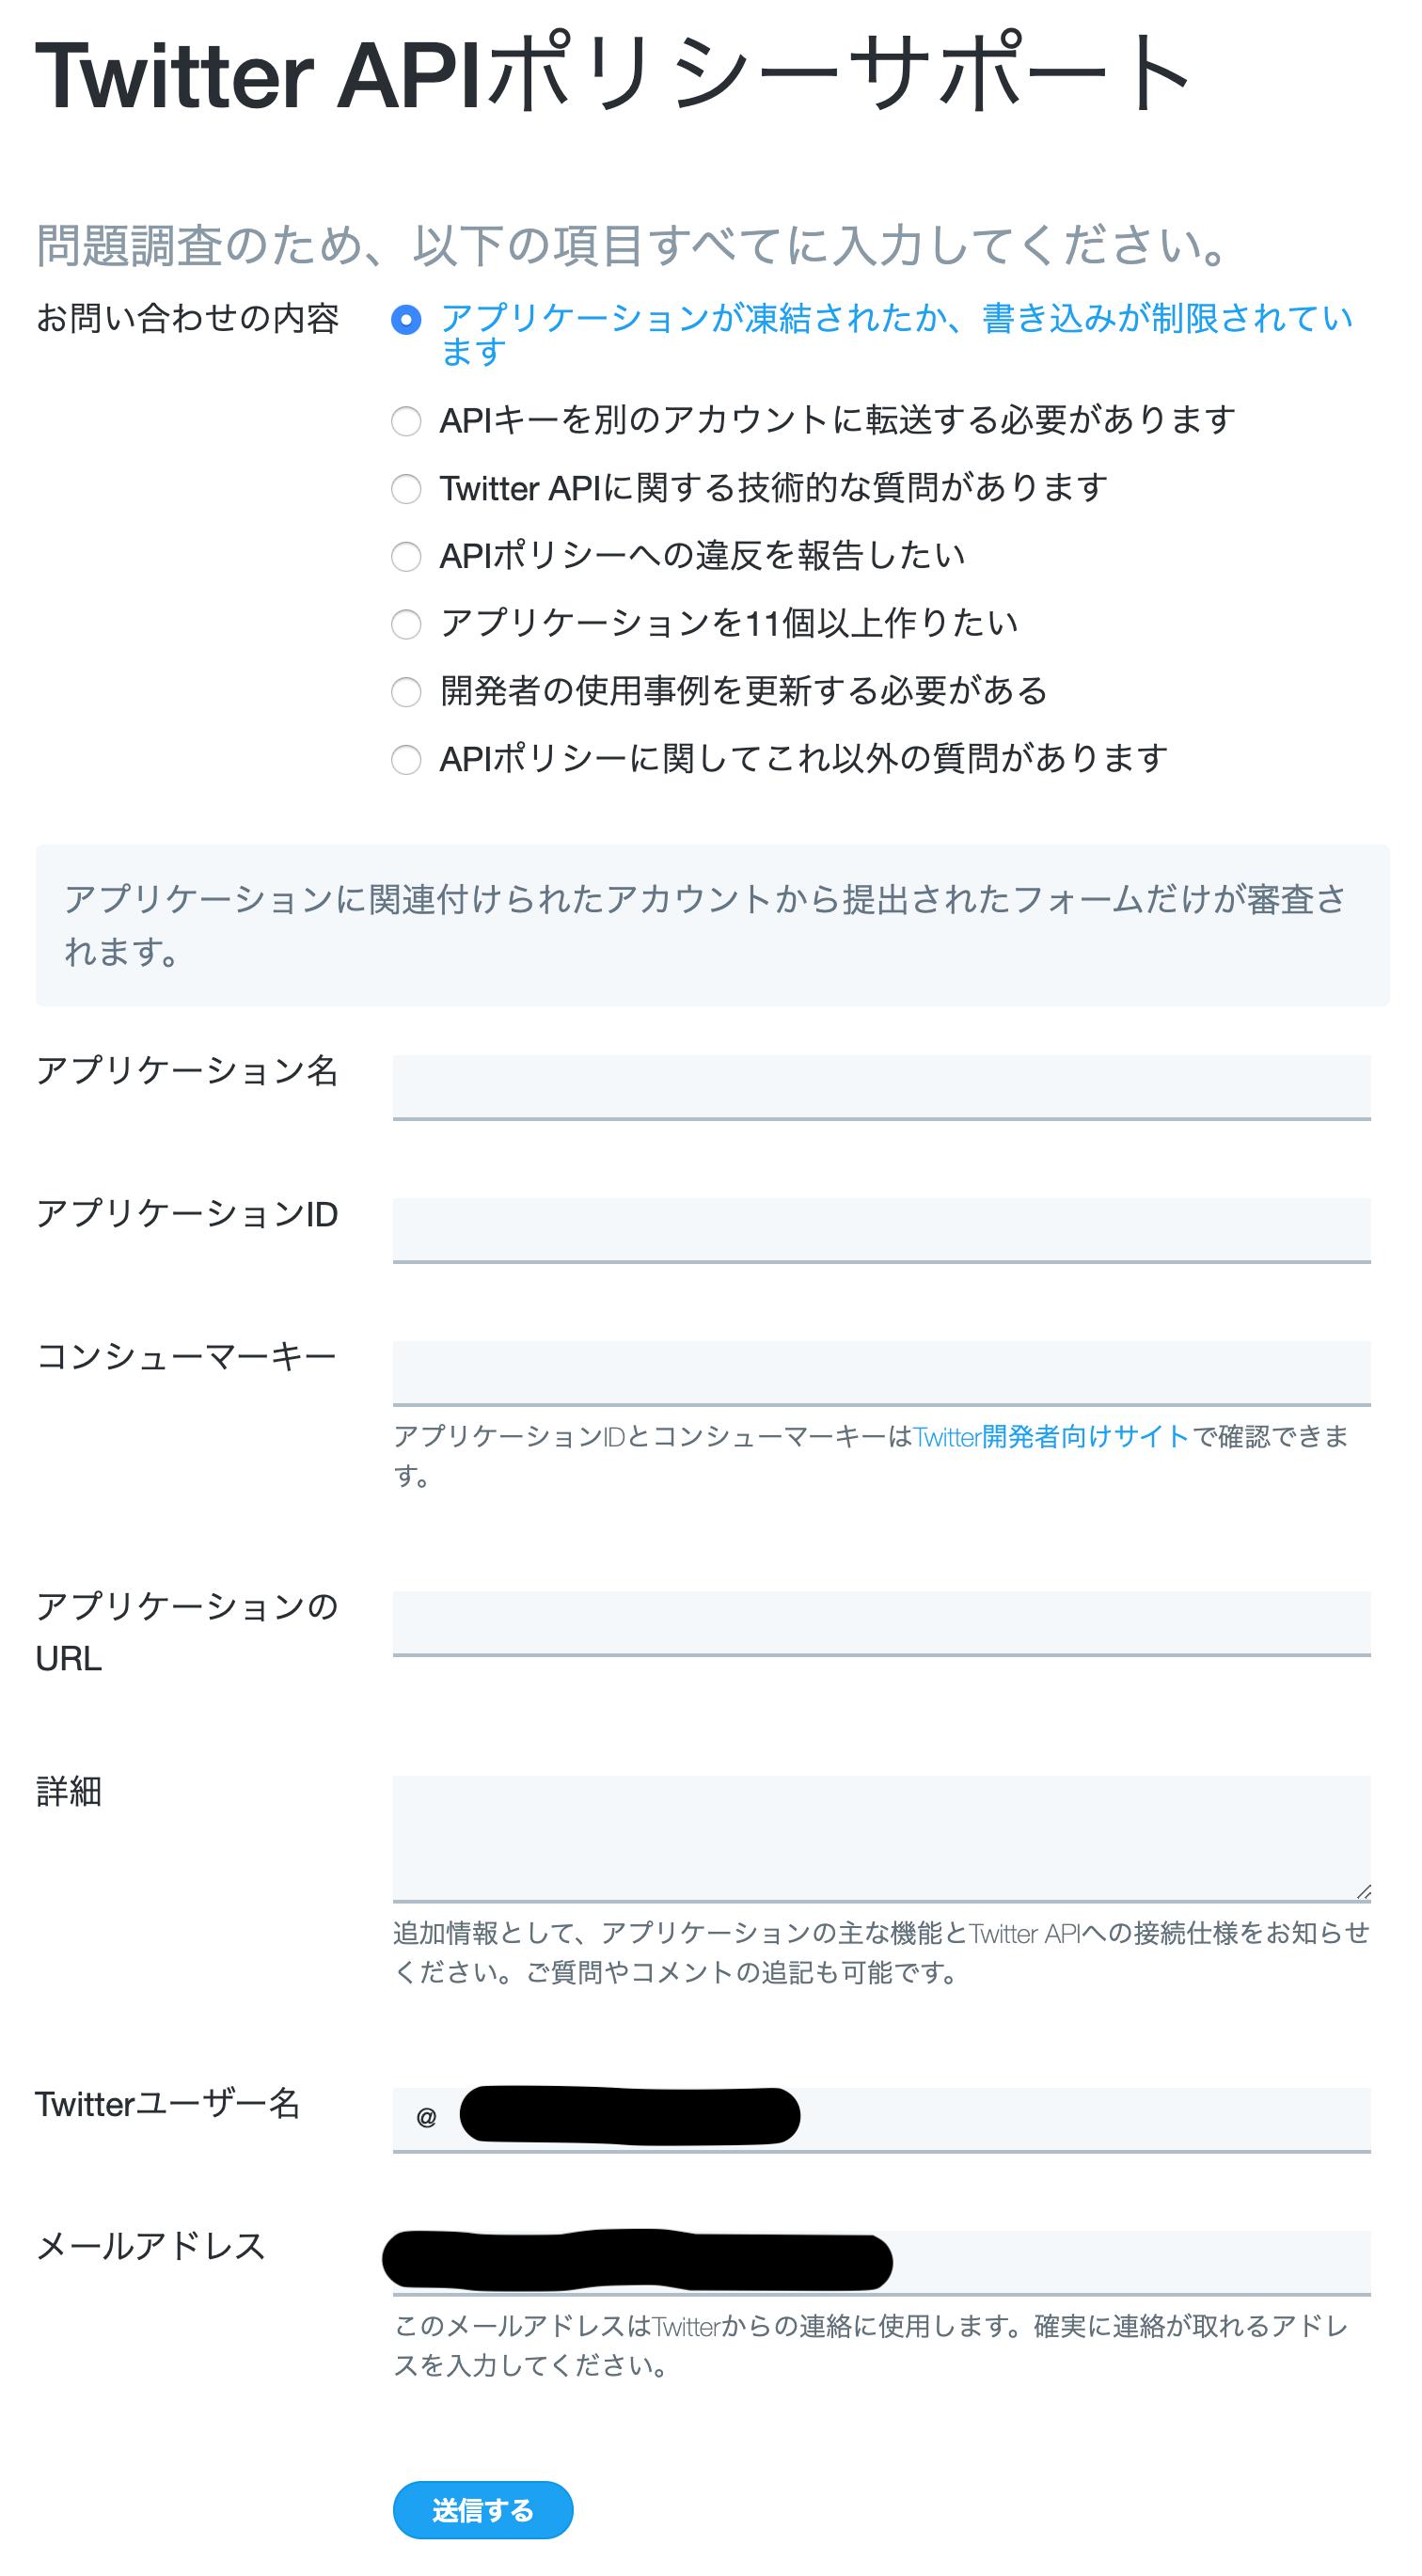 screencapture-help-twitter-forms-platform-2020-04-20-13_24_41.png